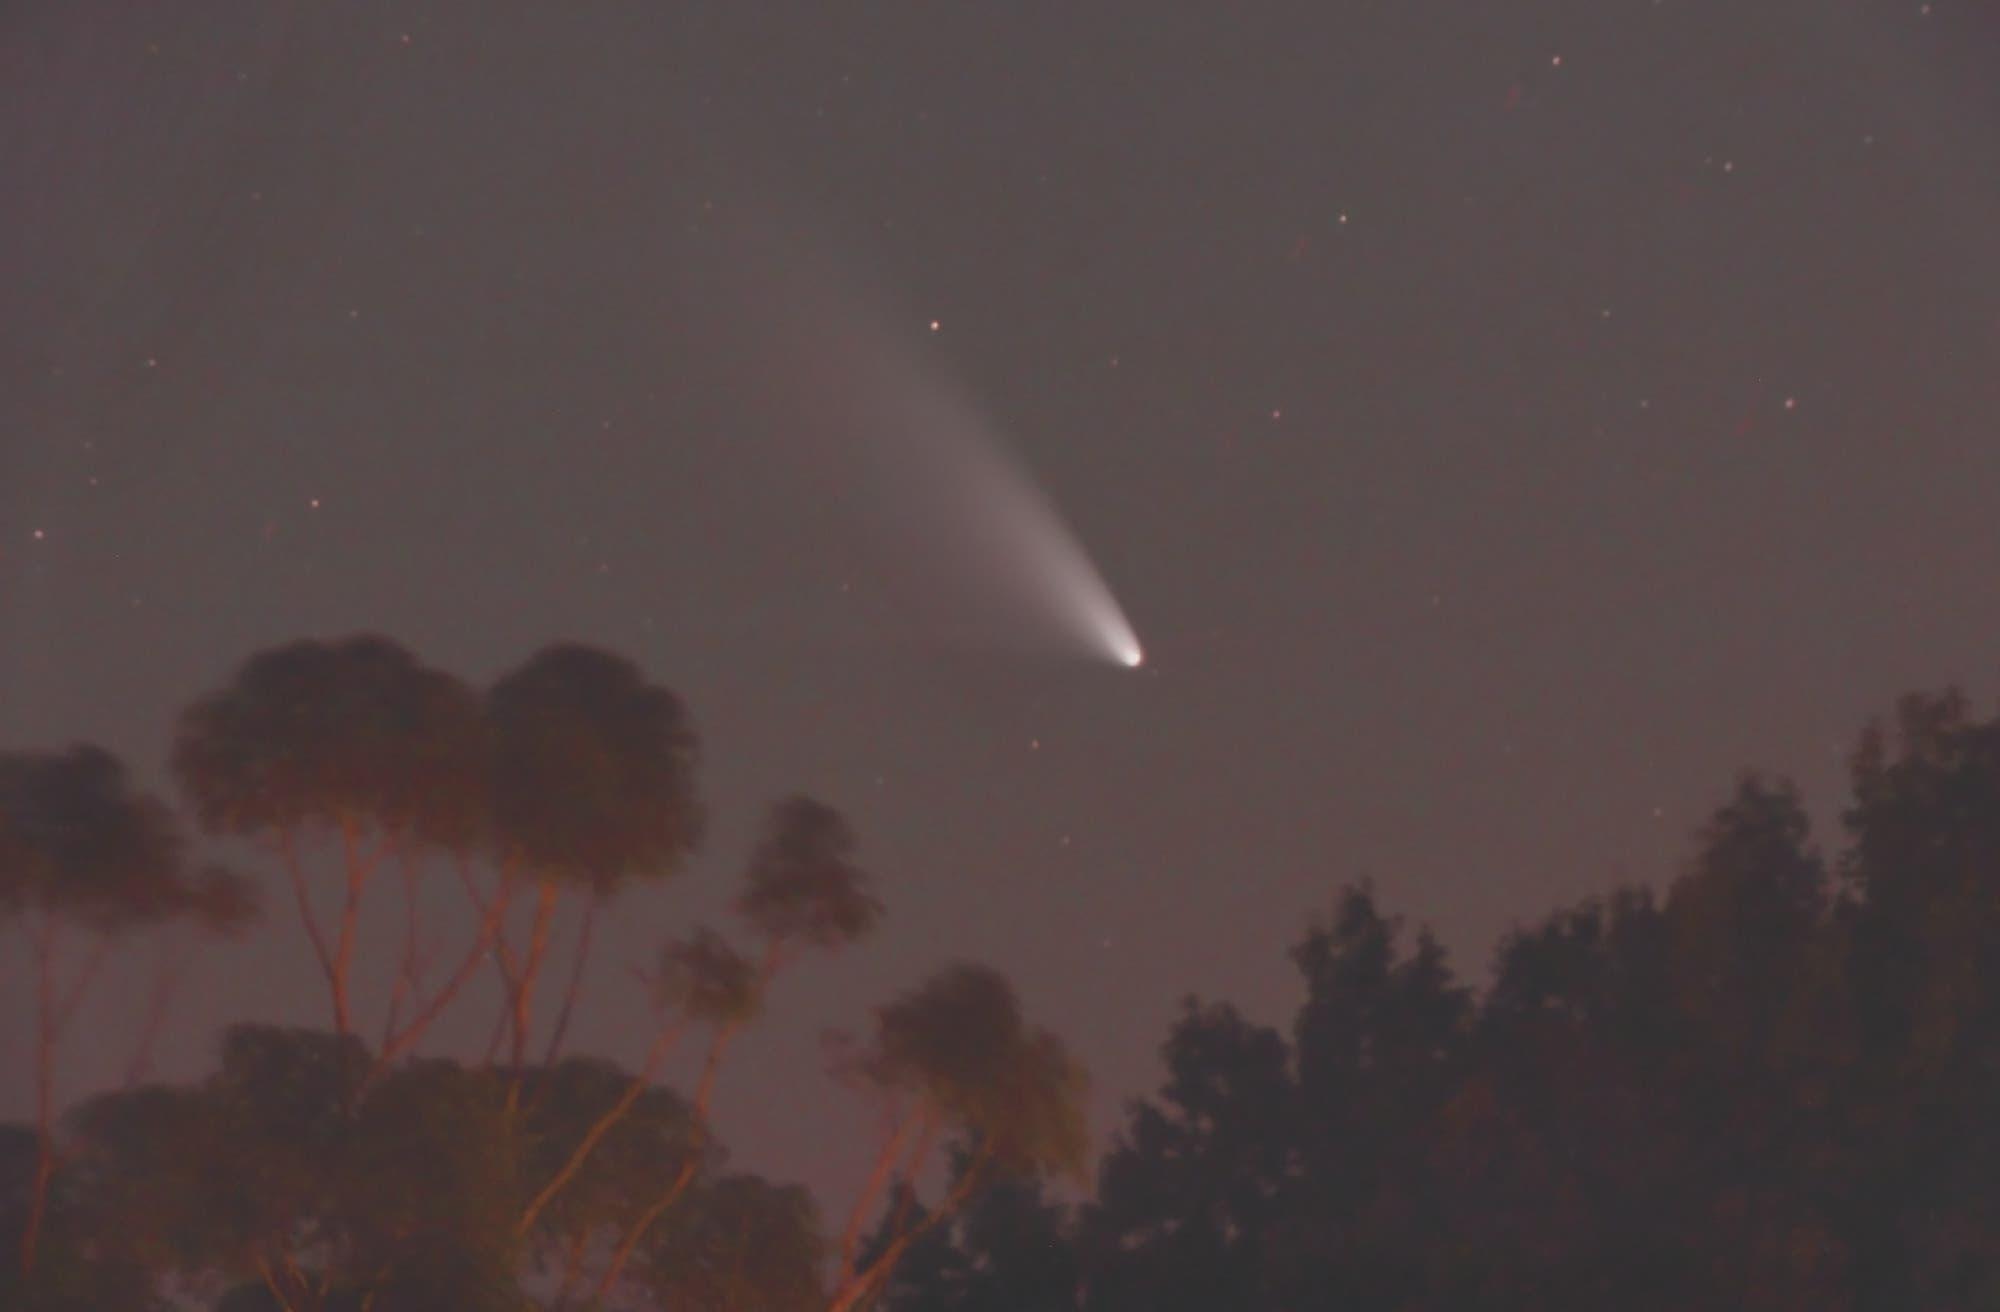 Komet C/2011 L4 (PANSTARRS) am 2. März 2013